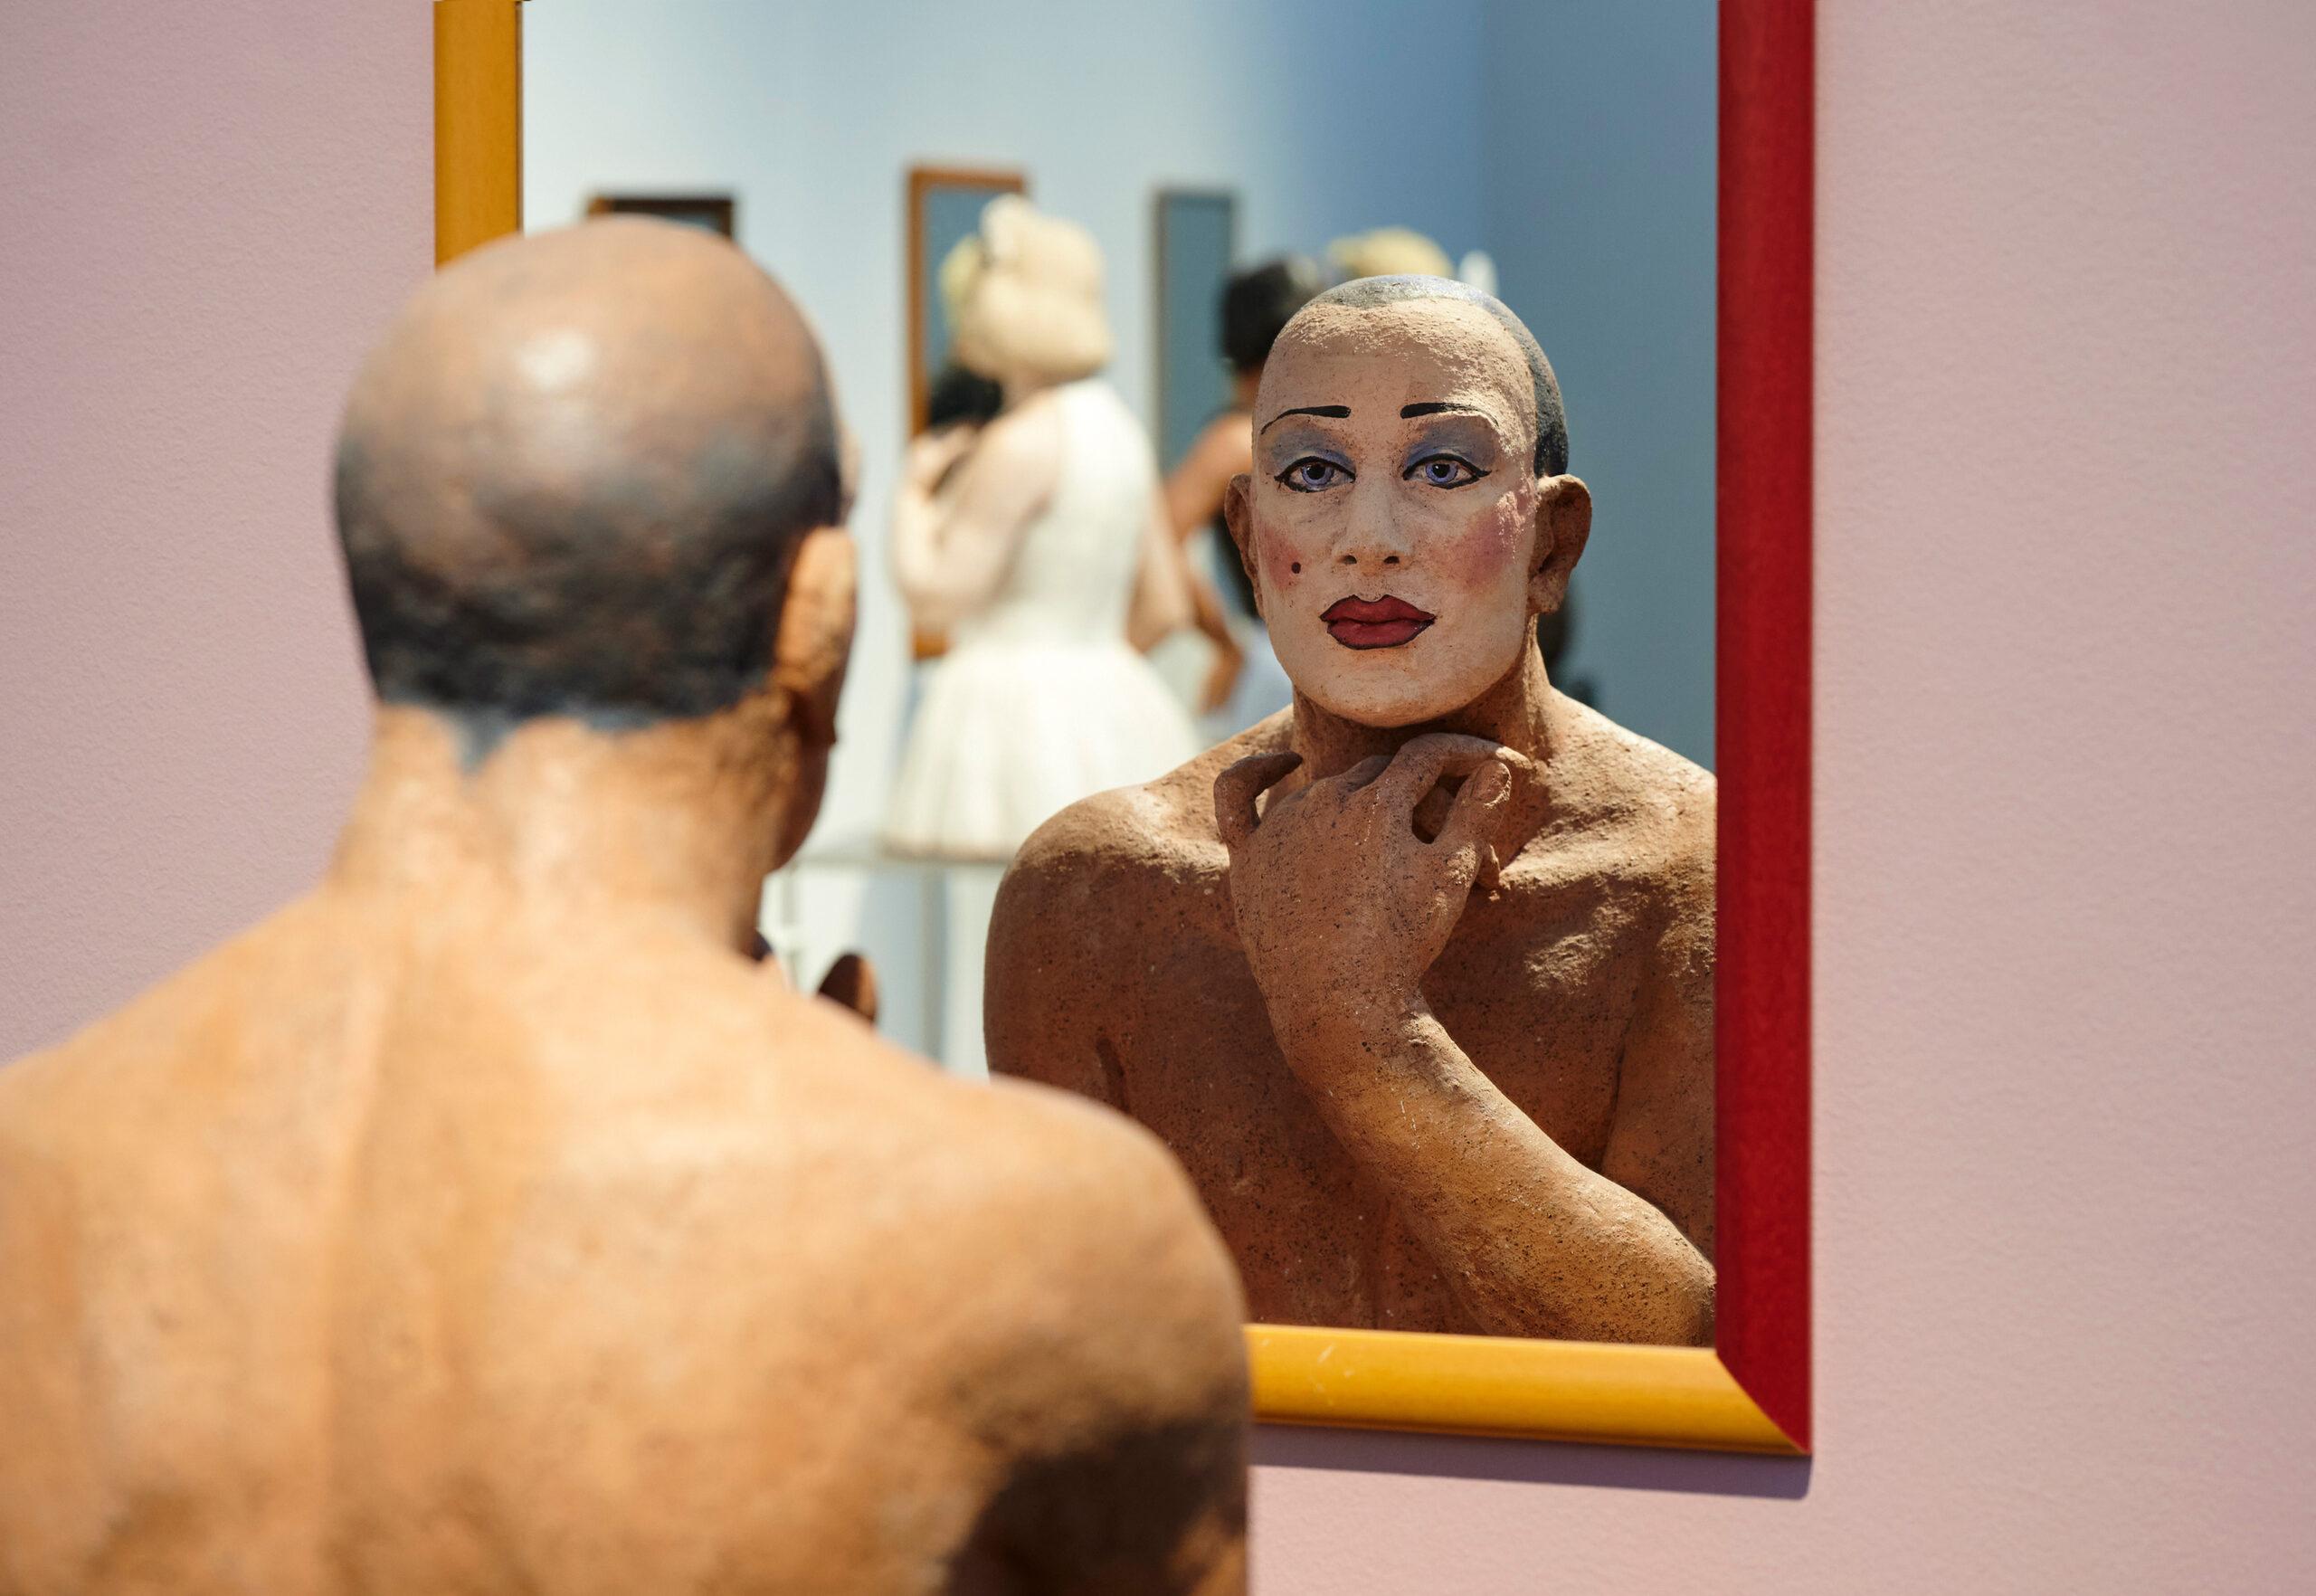 Kuvan keskellä on peili, jonka edessä on veistos. Veistoksen kasvot heijastuvat peilistä, ja kasvot ovat vahvan naamiomaisen meikin peitossa.